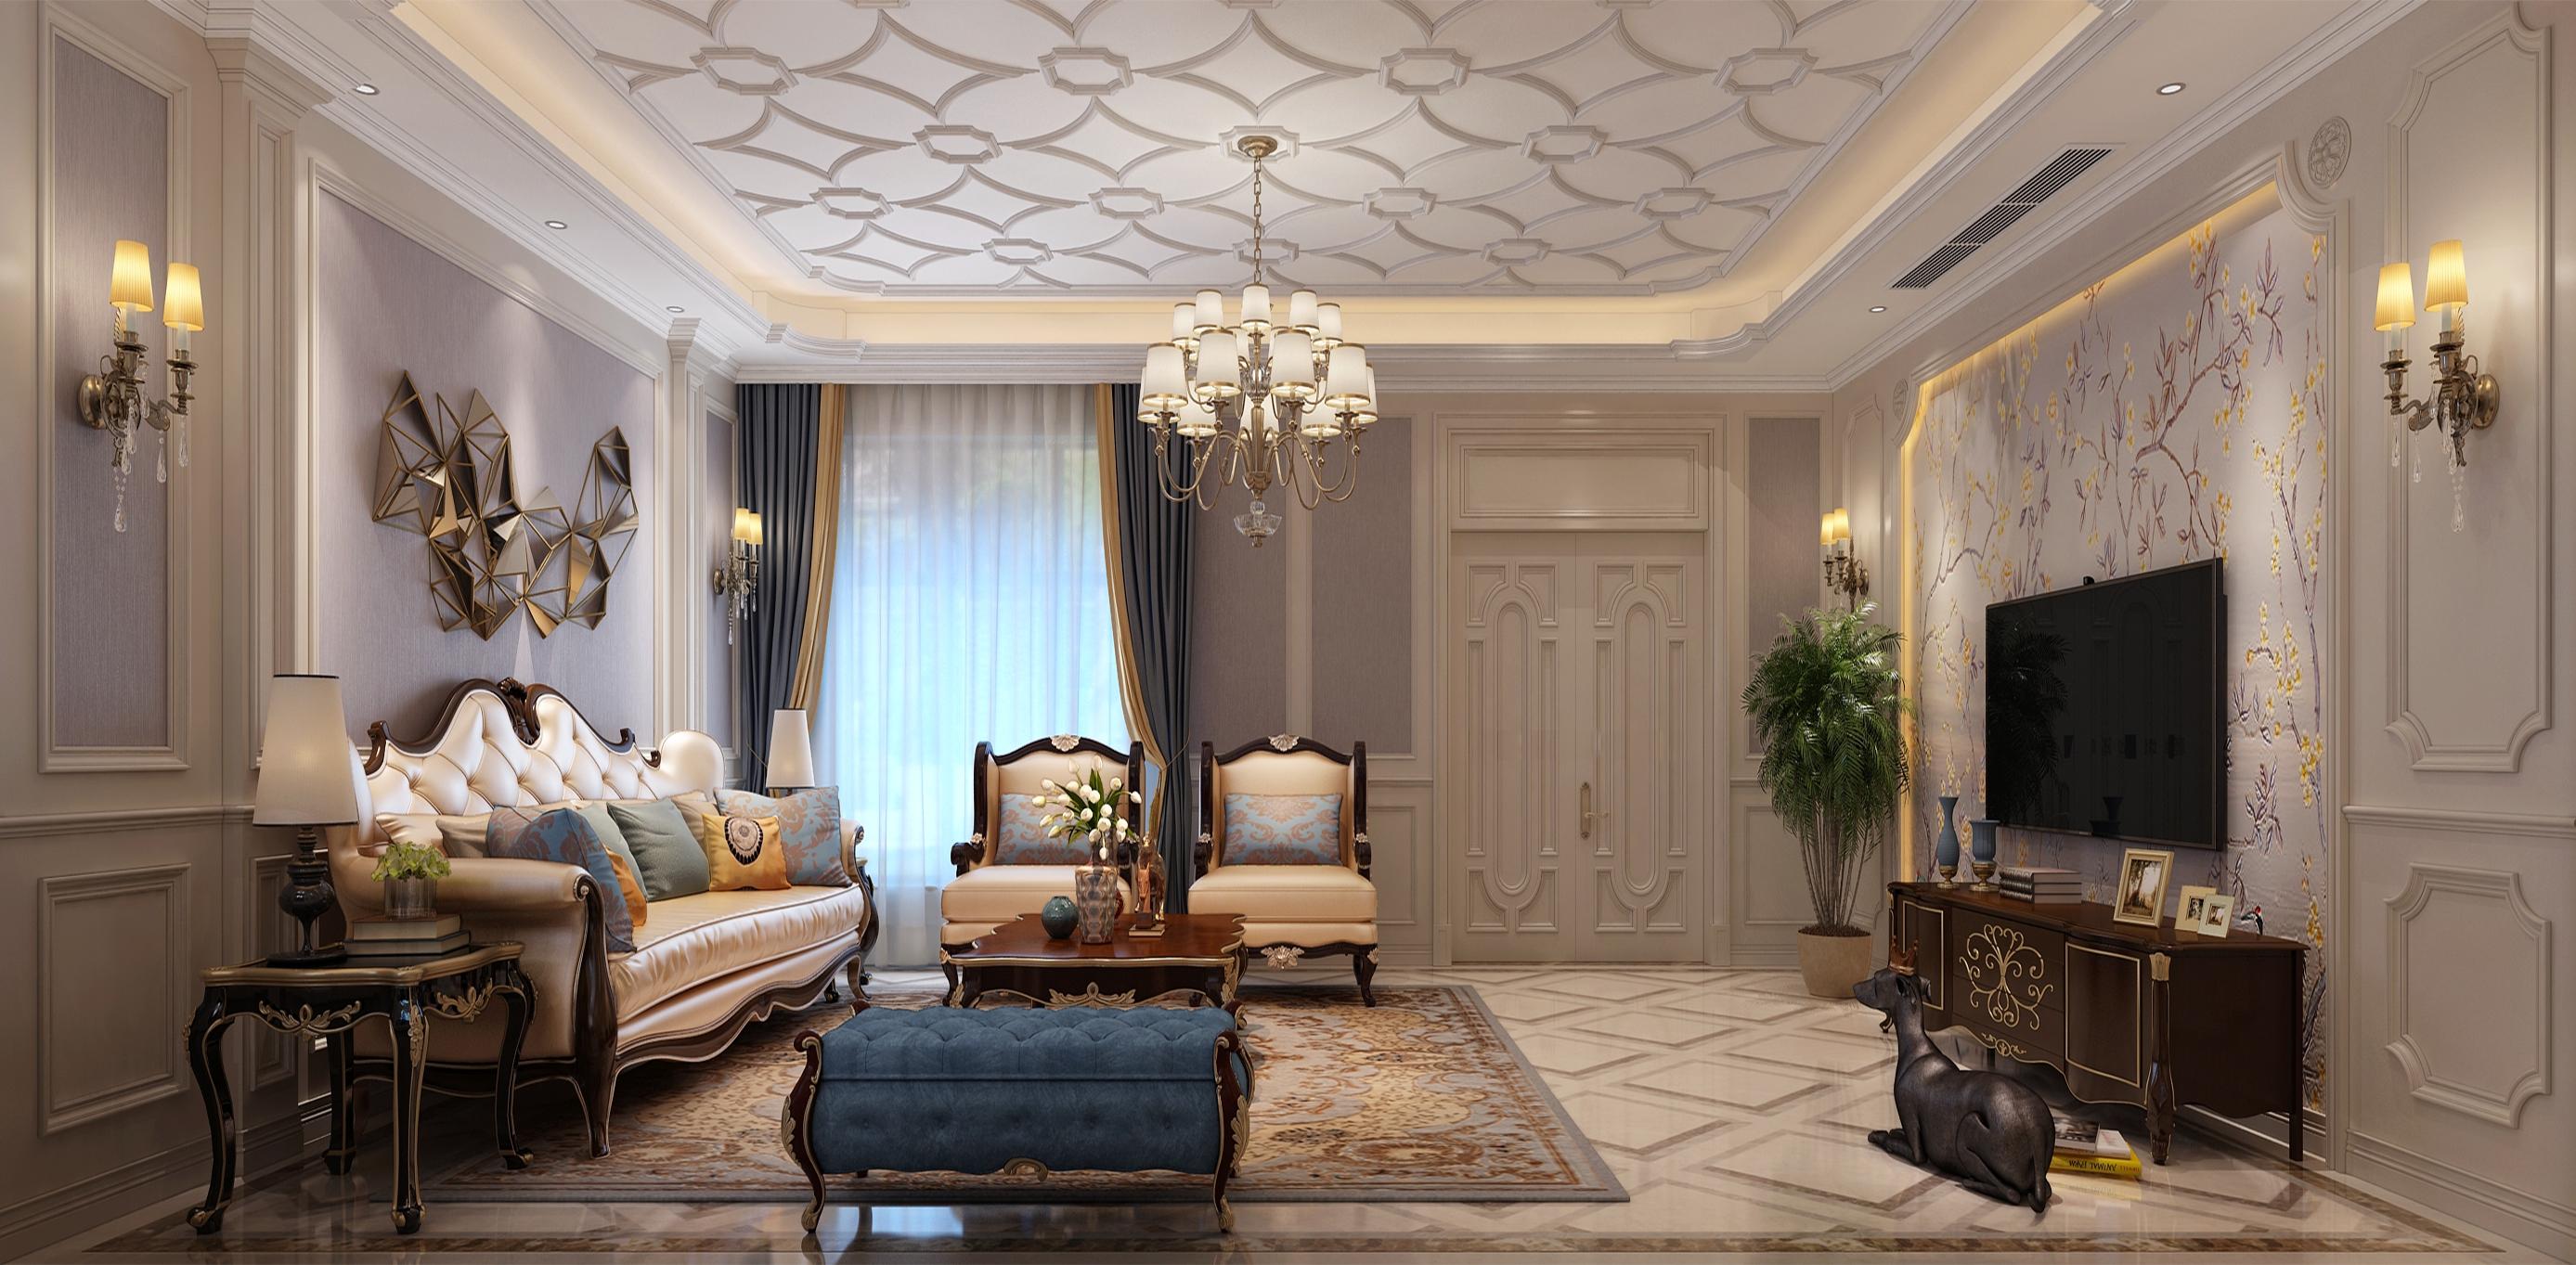 龙湖悠山郡联排别墅290平方欧式风格案例赏析